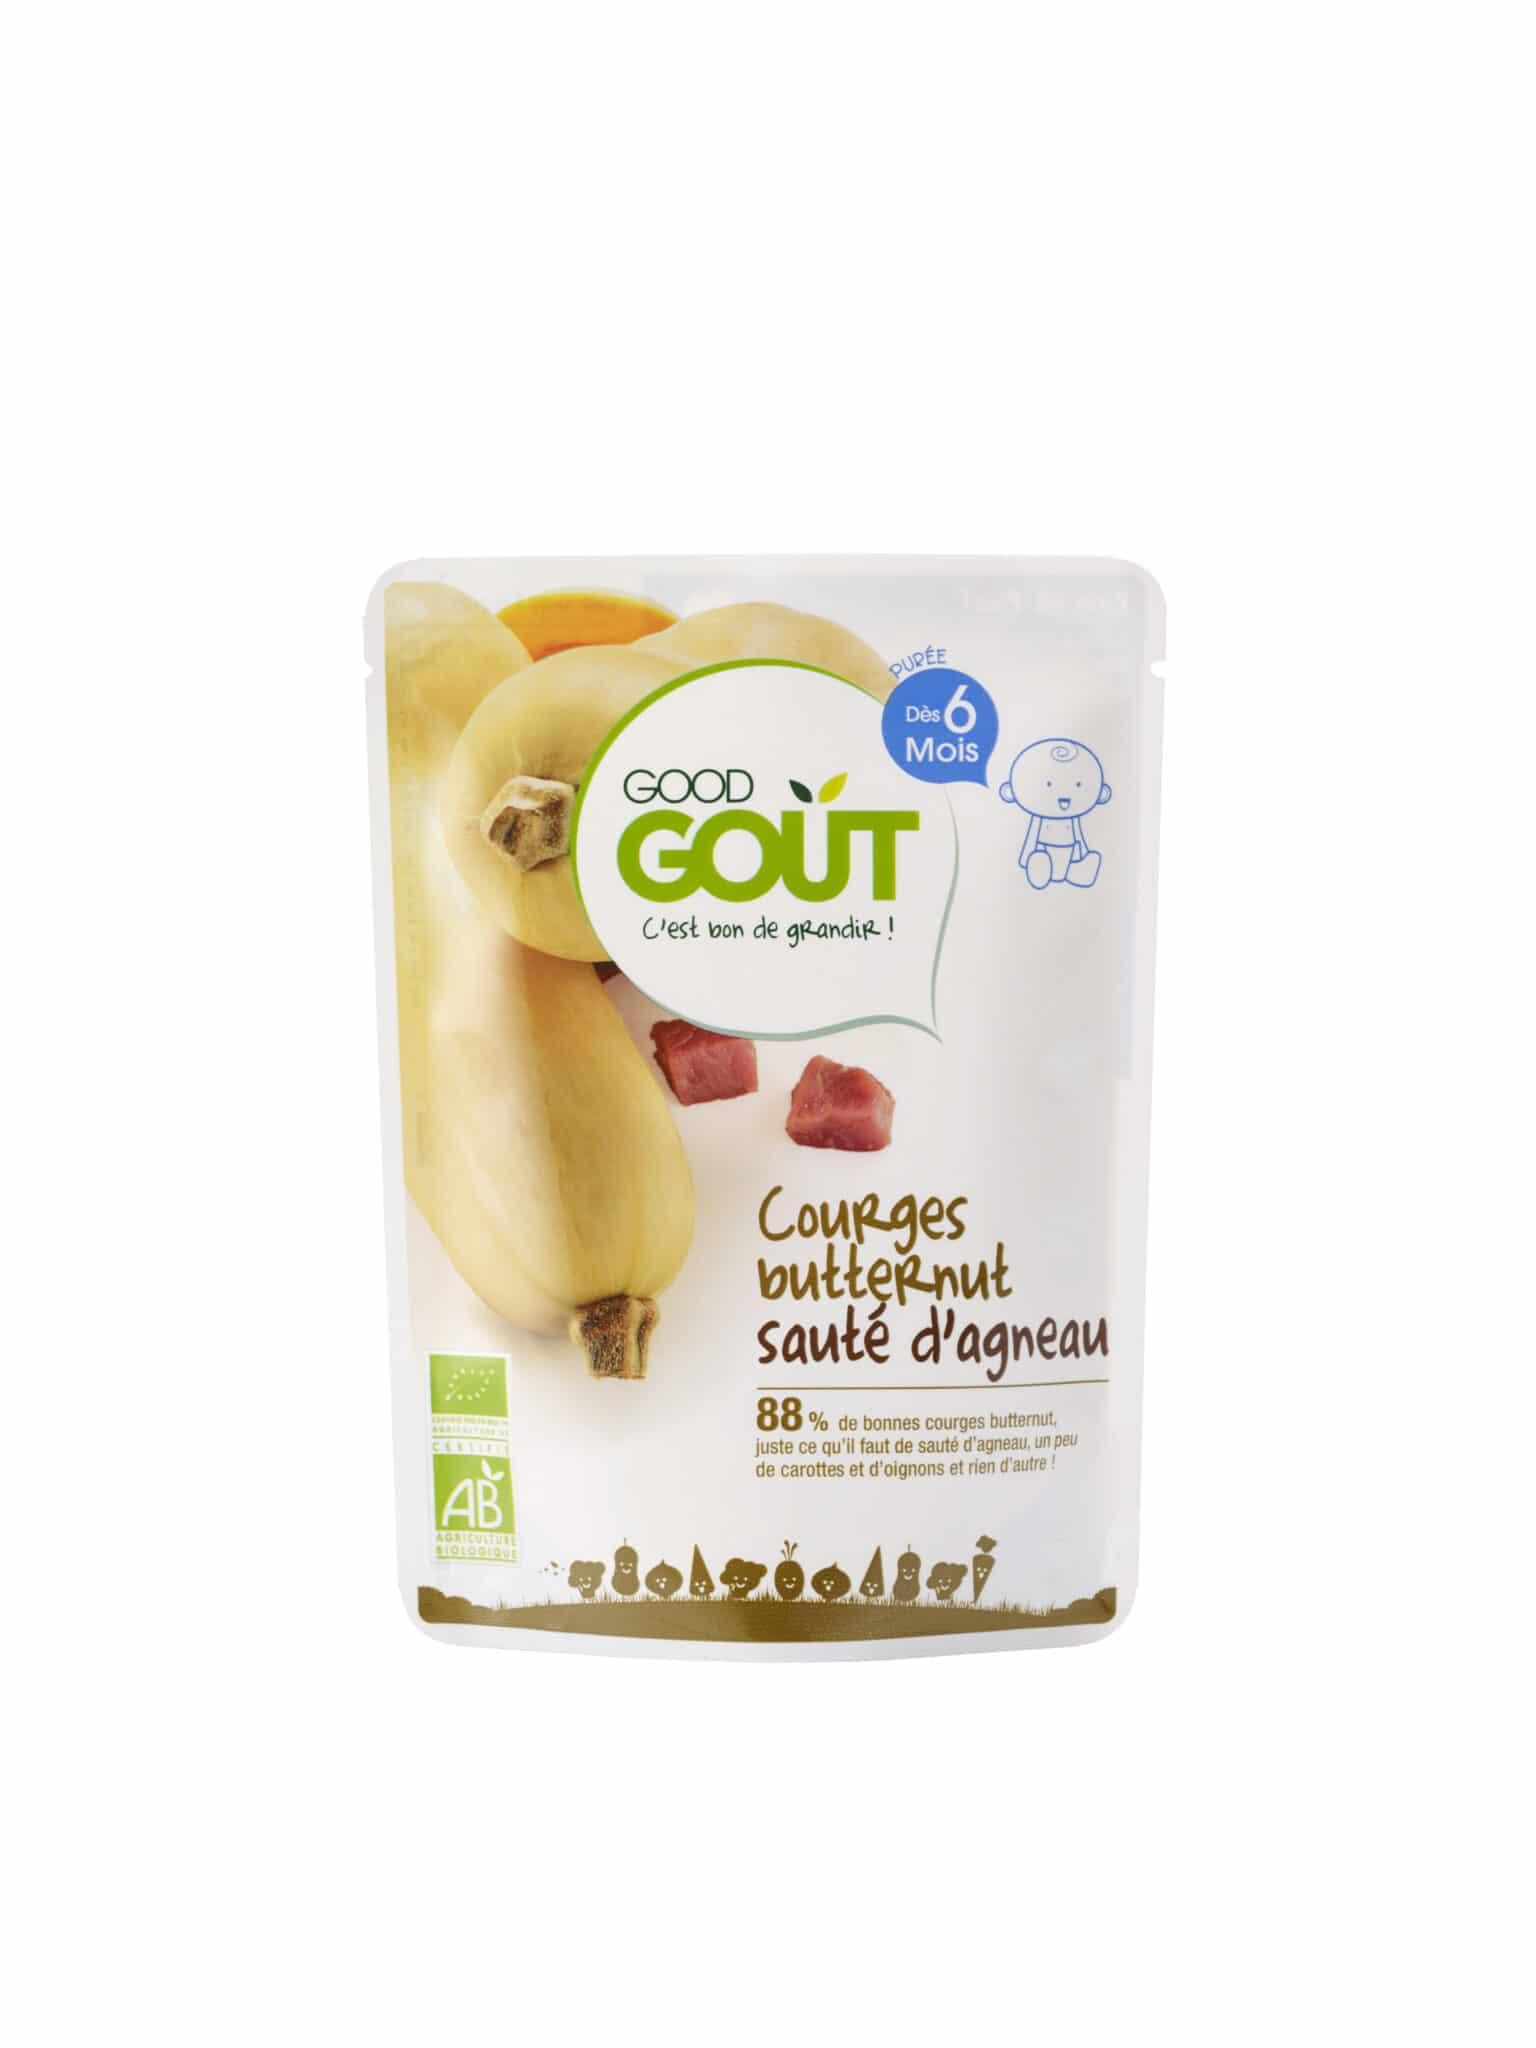 Good Goût Courges butternut